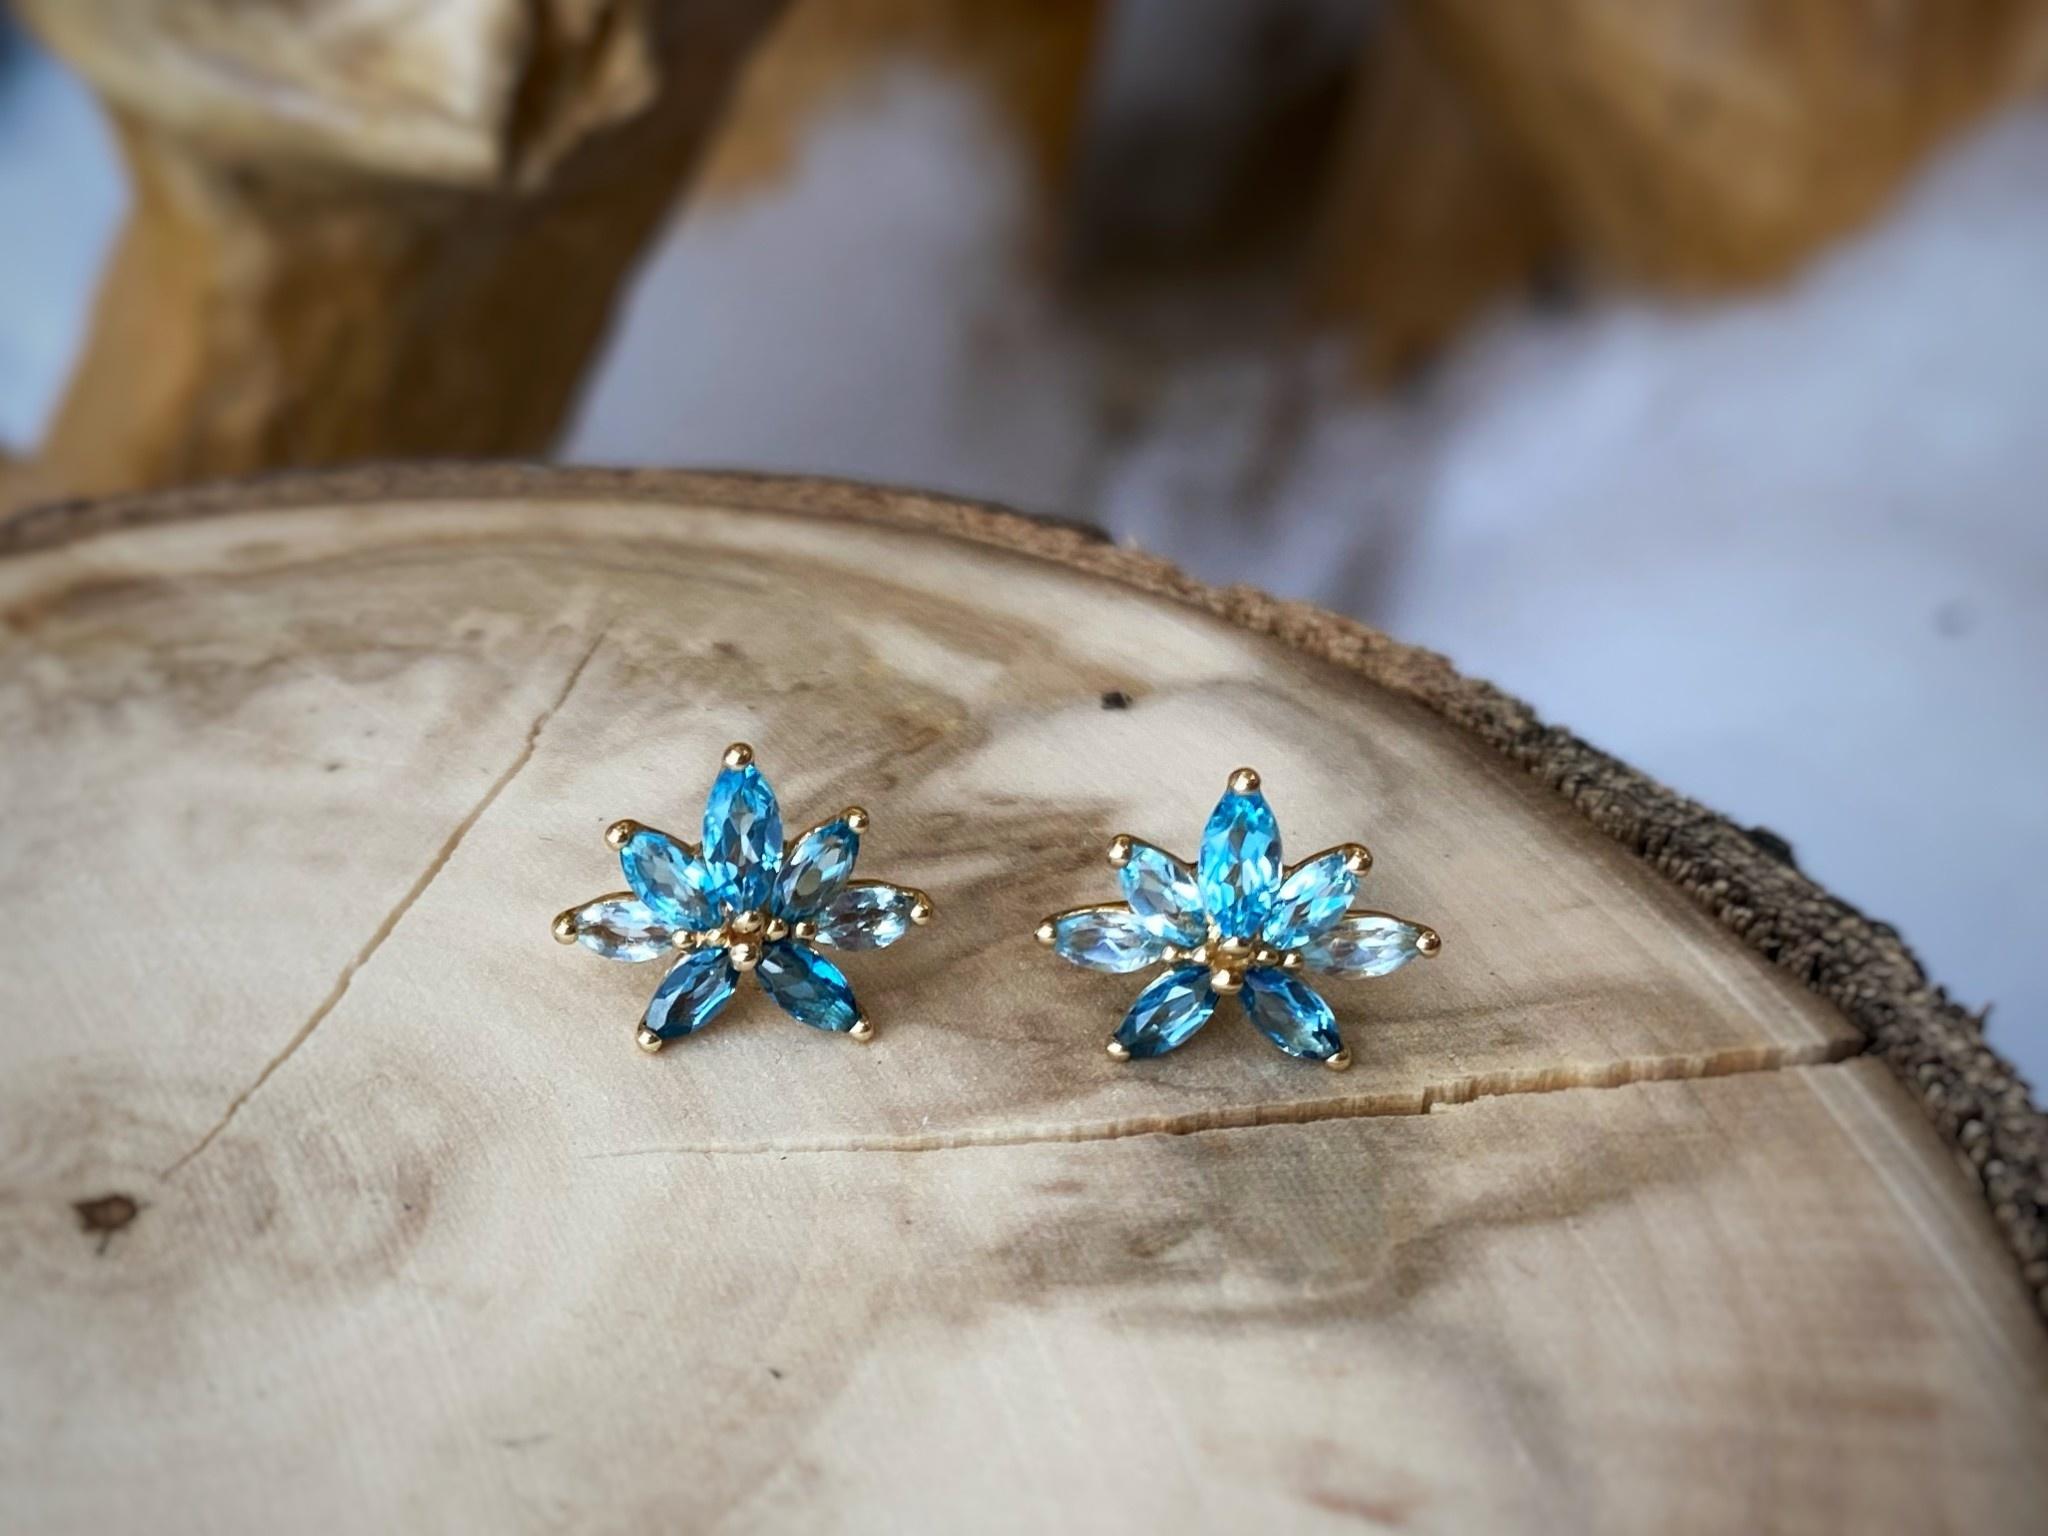 10K Yellow Gold Blue Topaz Flower Shaped Stud Earrings